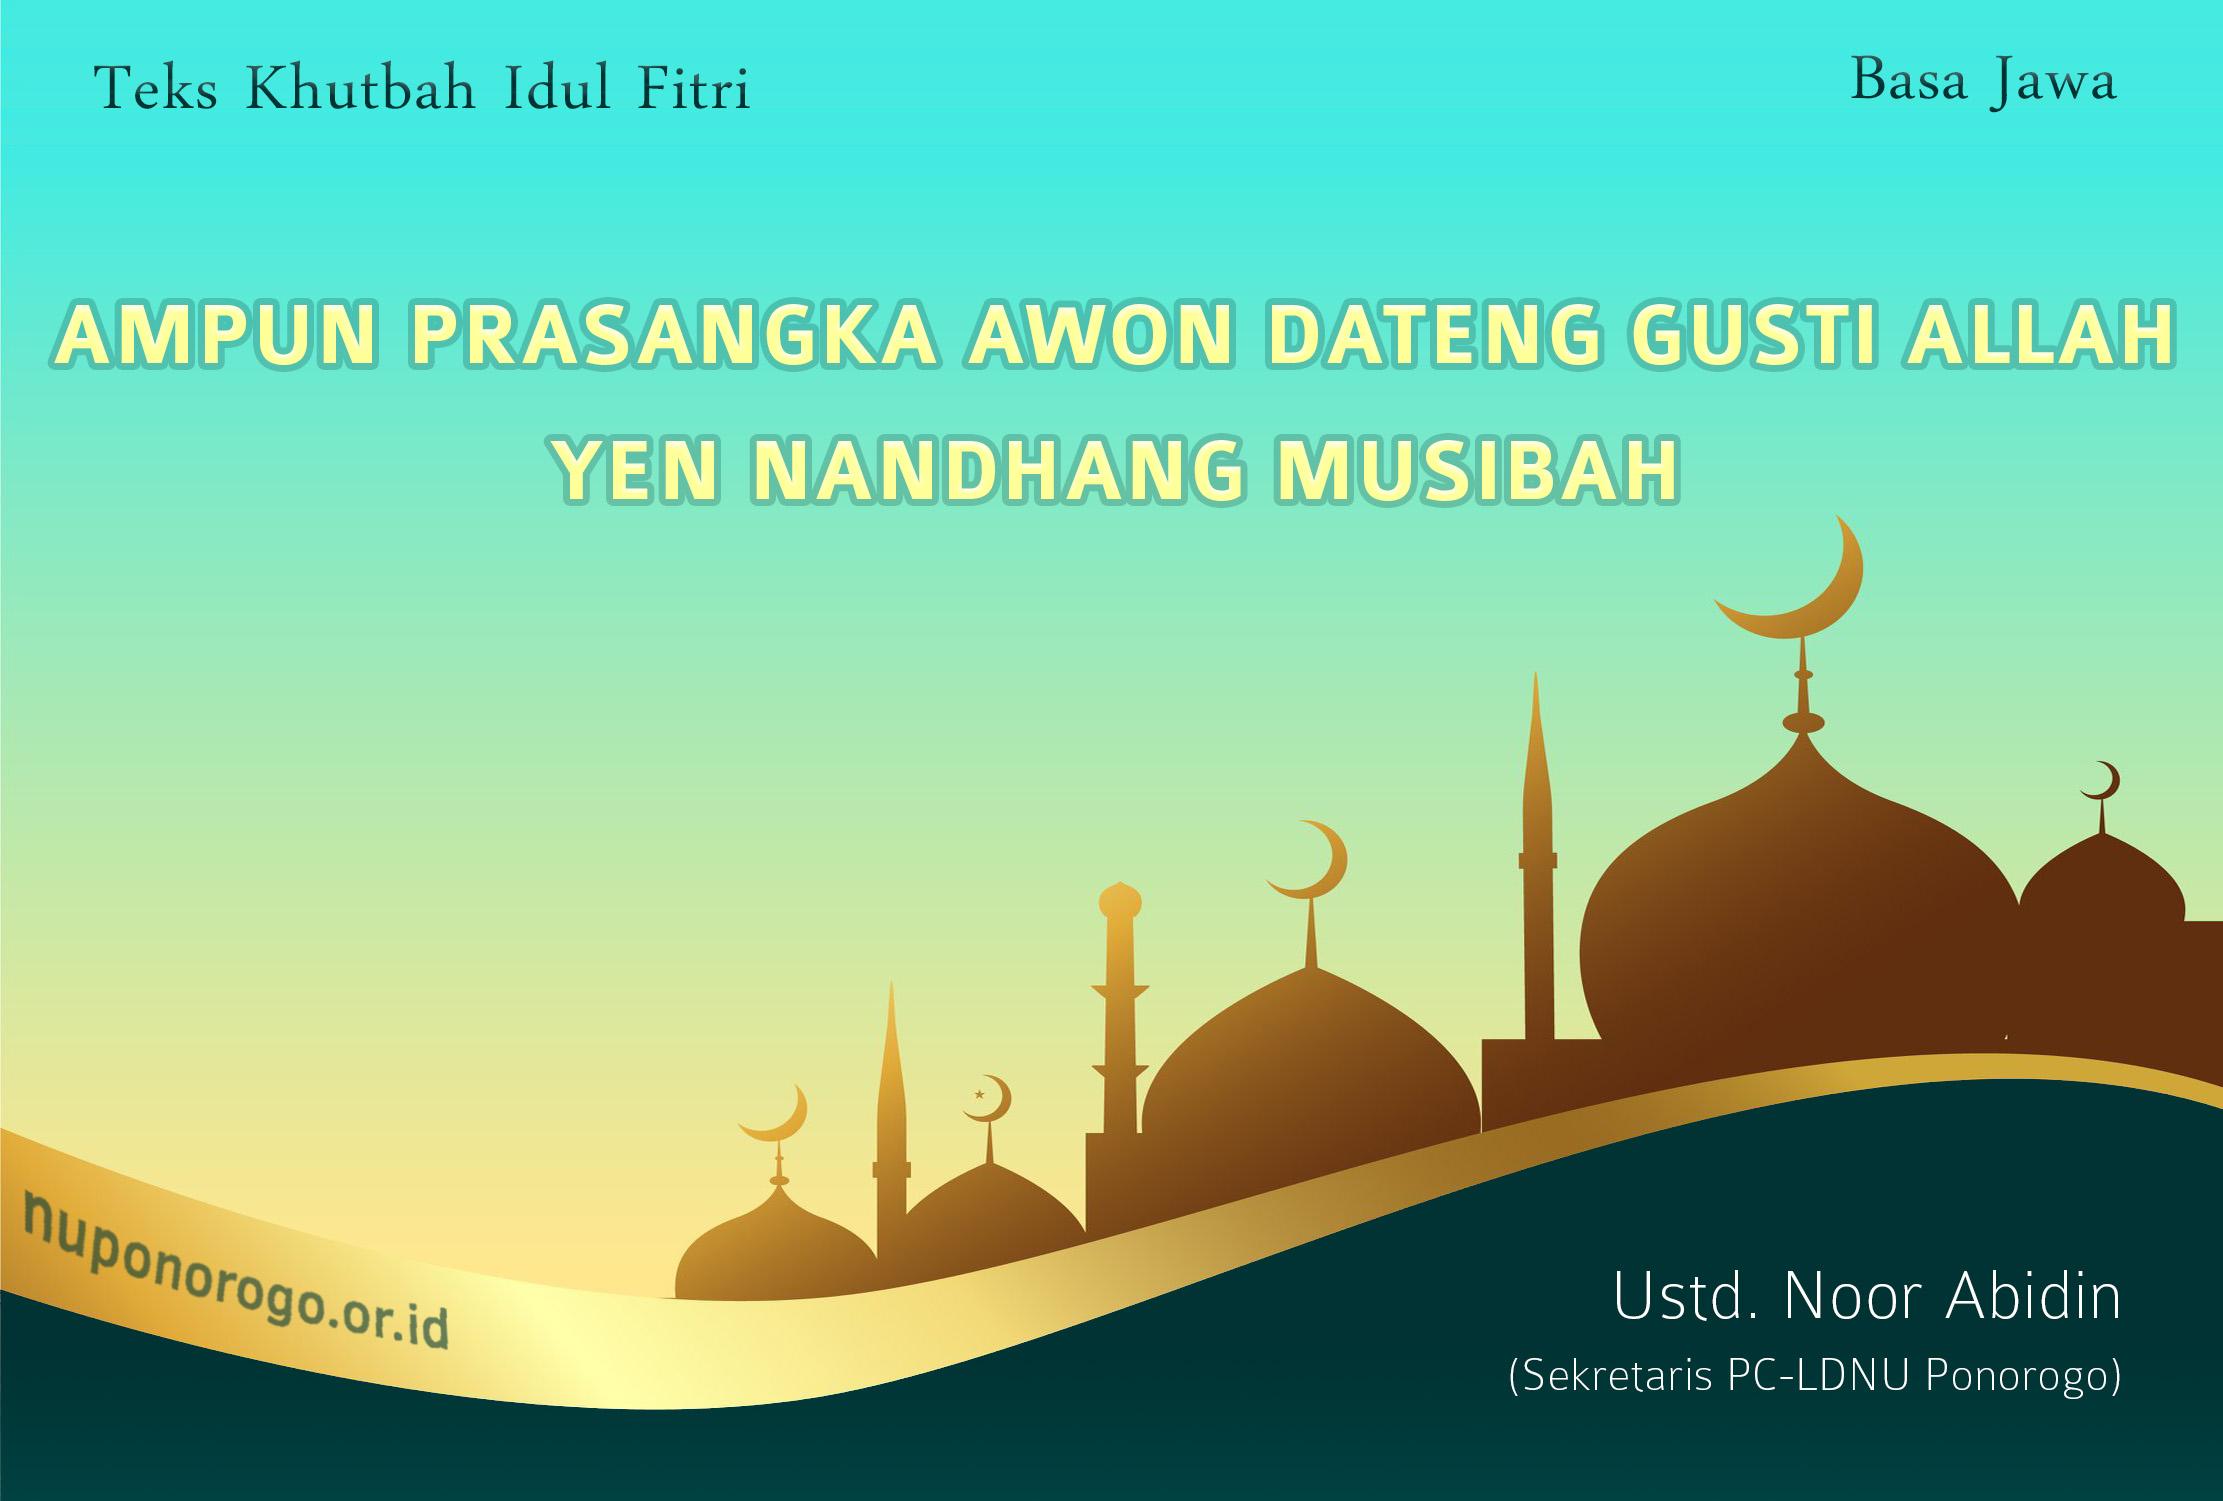 Khutbah Idul Fitri 2021 Basa Jawa - AMPUN PRASANGKA AWON DATENG GUSTI ALLAH YEN NANDHANG MUSIBAH